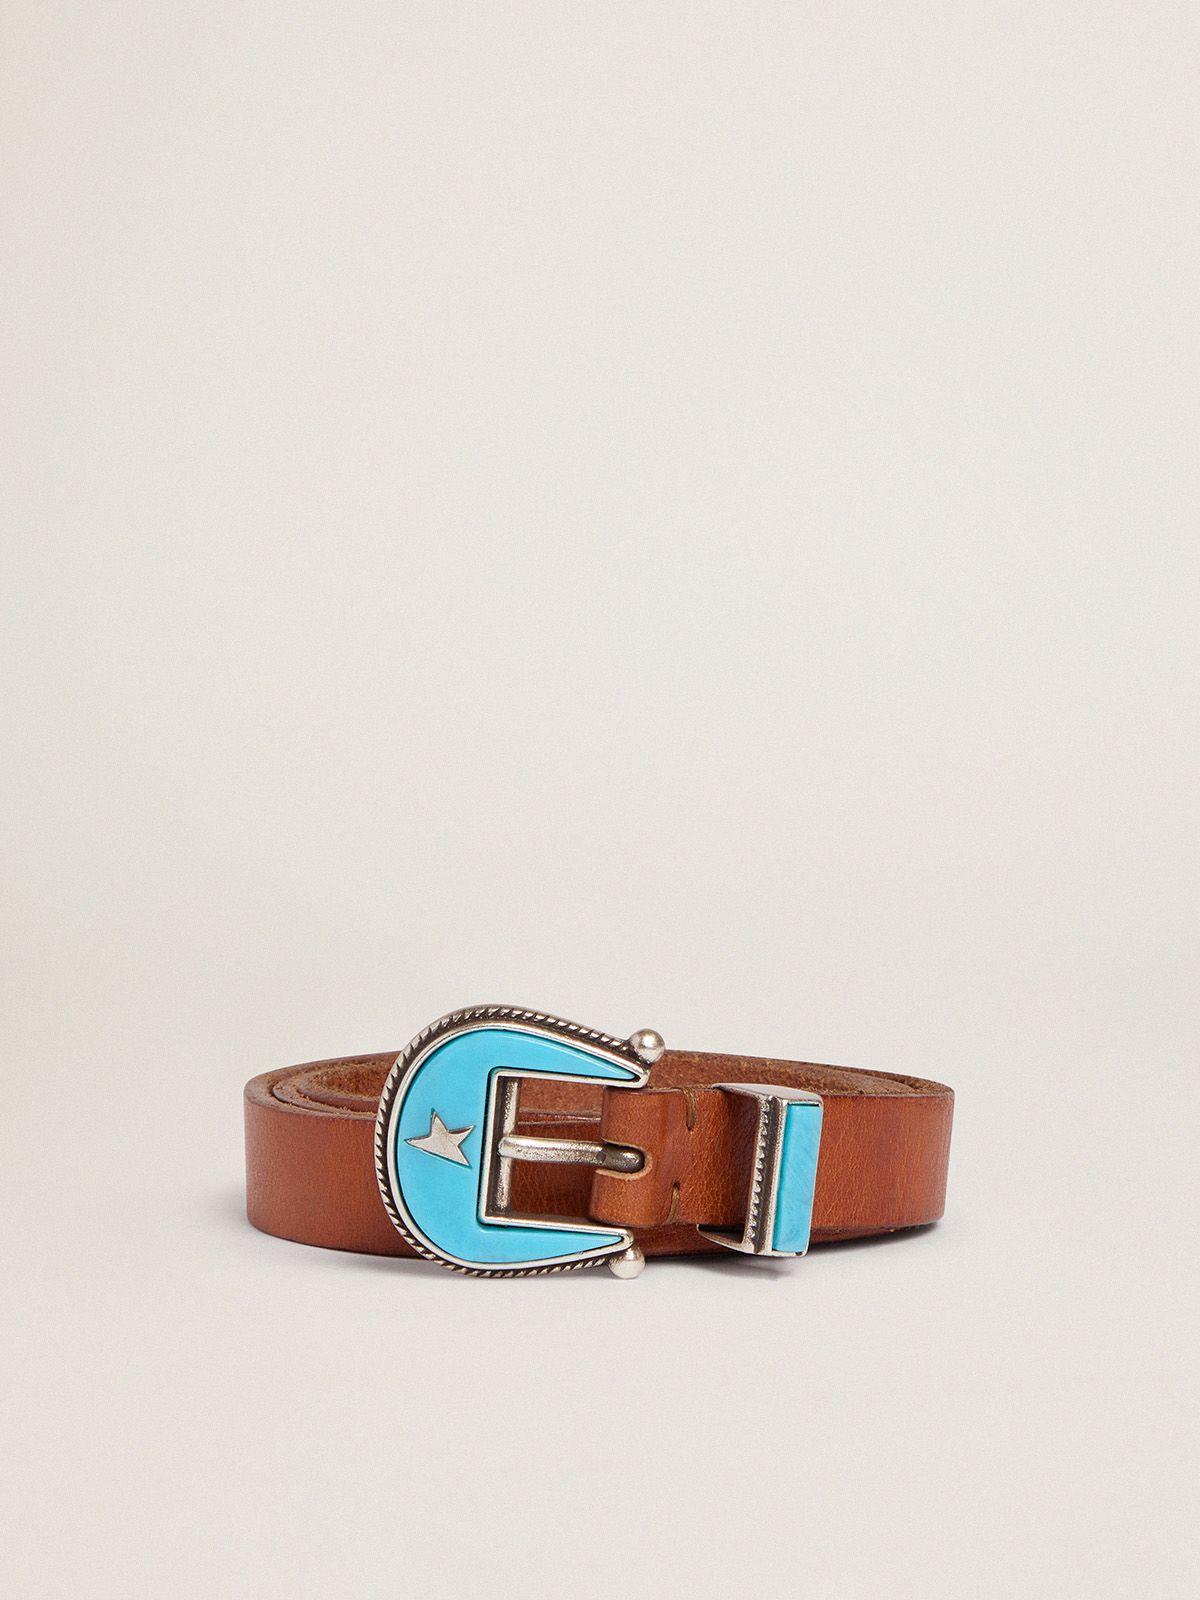 Cintura Rodeo in cuoio con fibbia azzurra